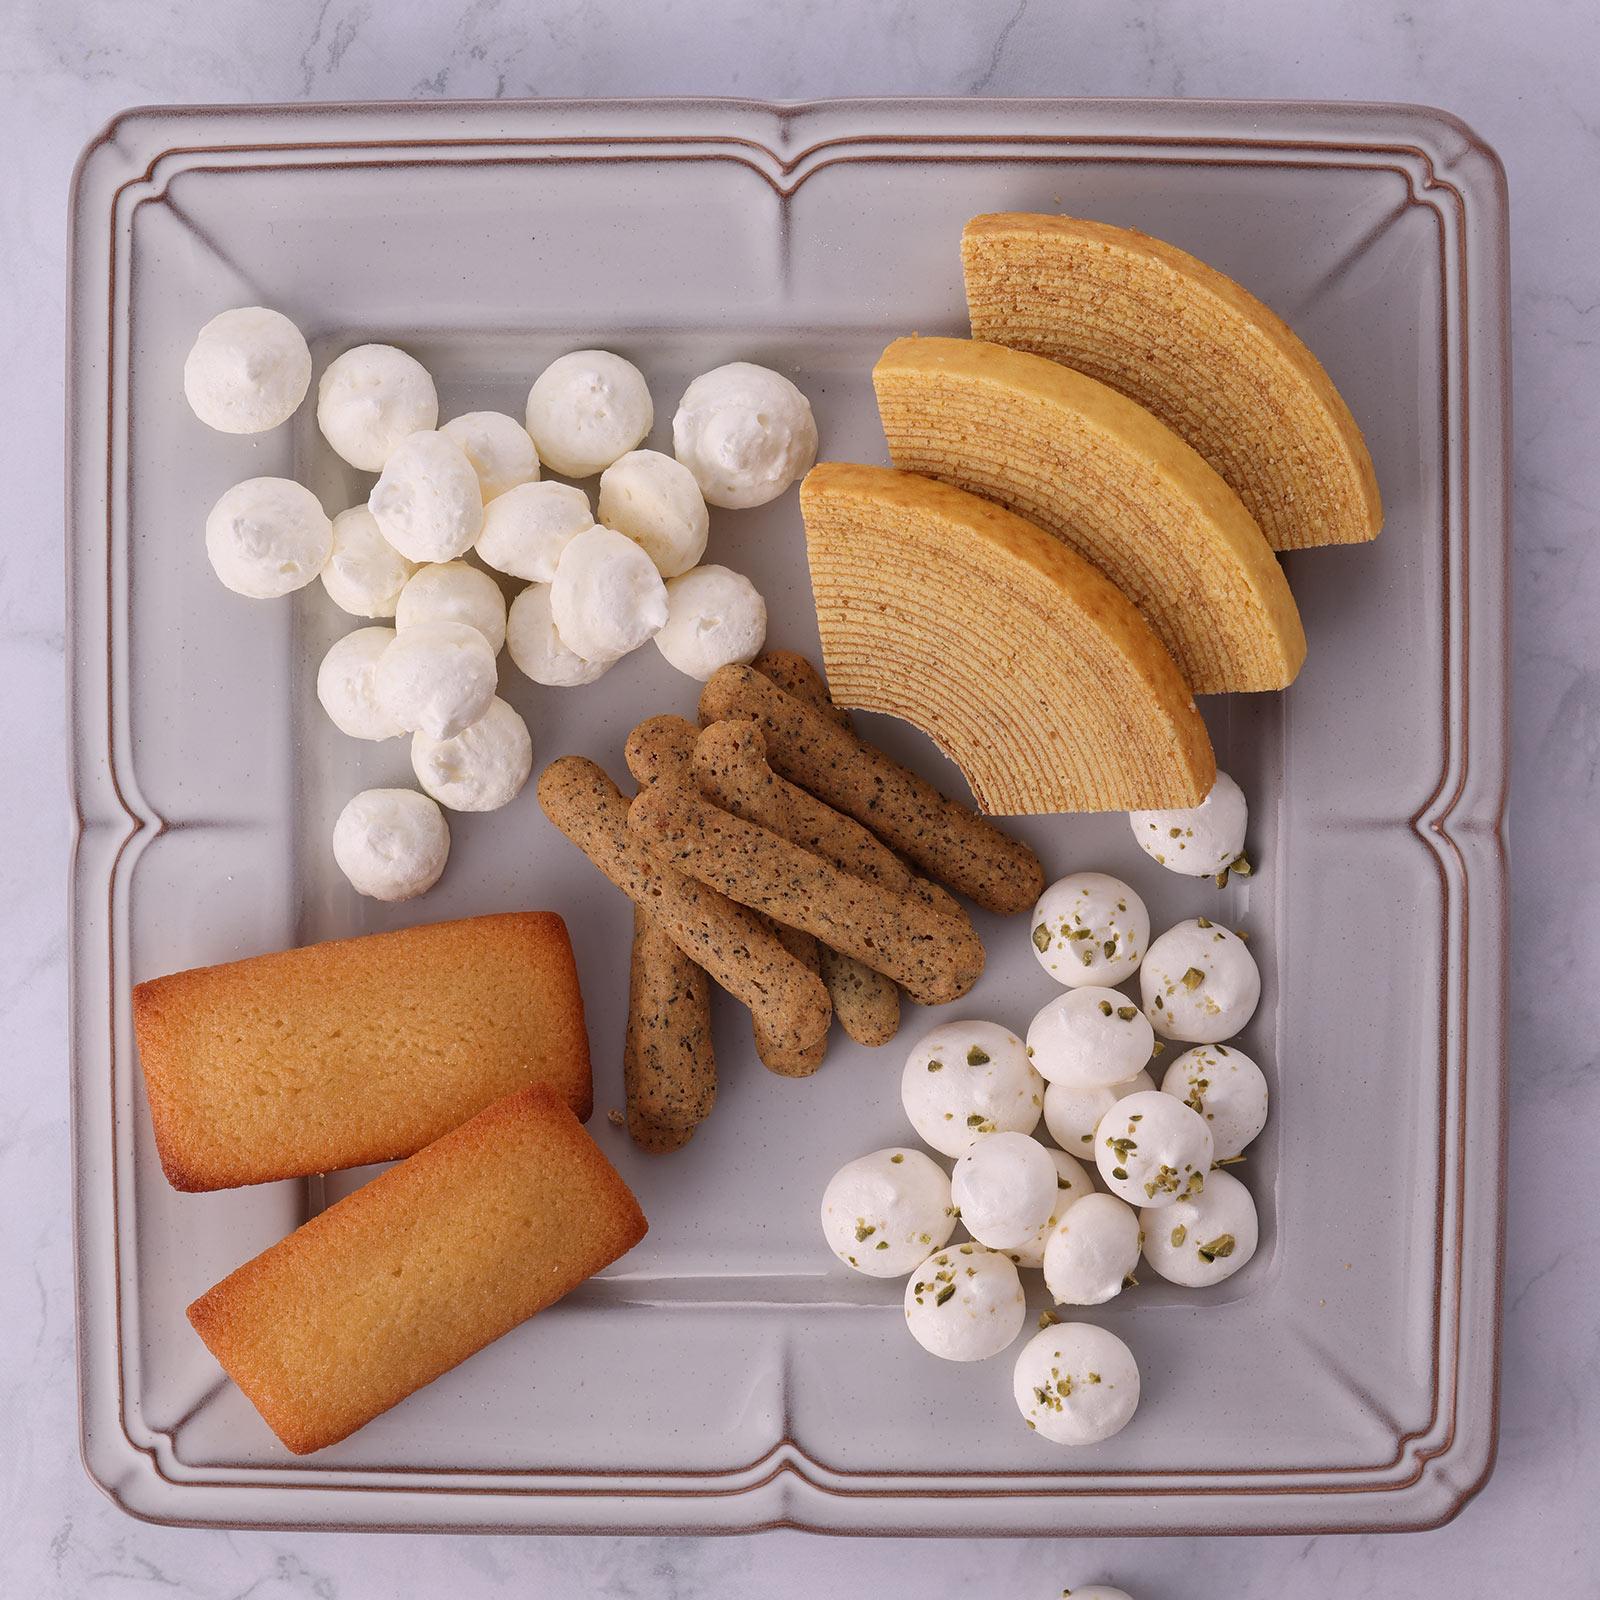 夏の焼き菓子詰め合わせLサイズ